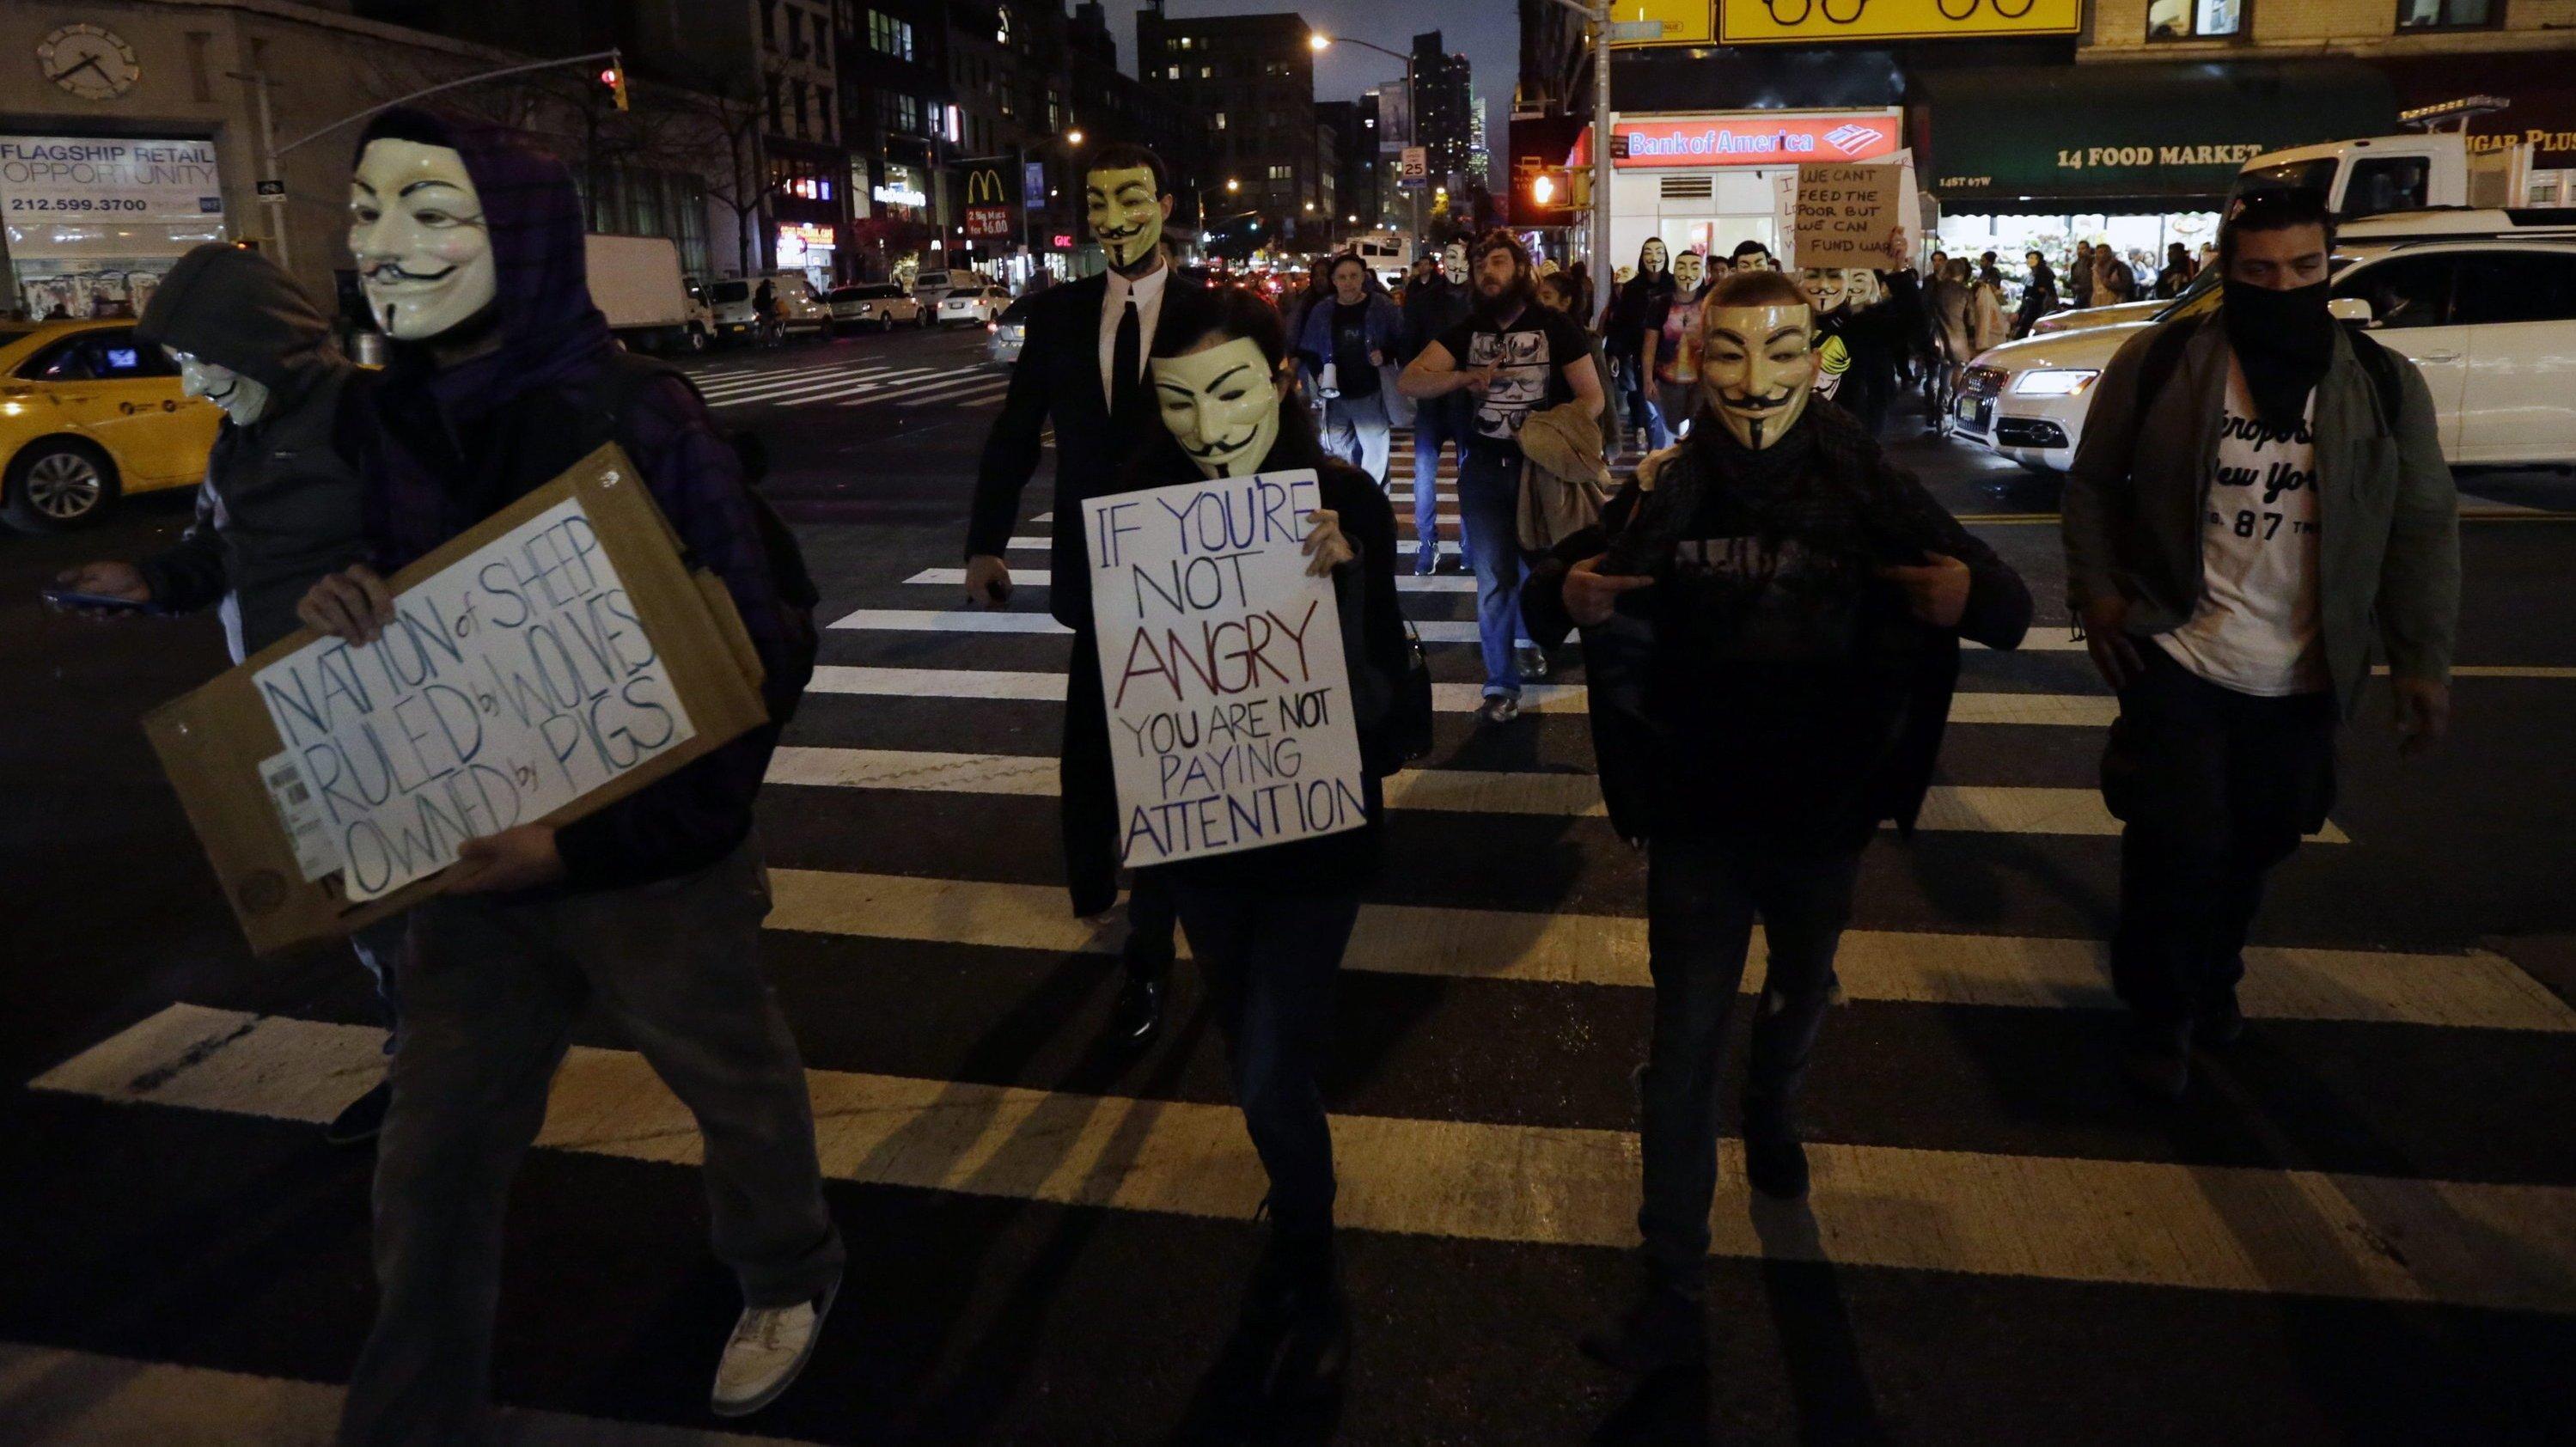 Die Guy-Fawkes-Maske steht für anonymen, allgegenwärtigen Widerstand. Guy Fawkes war ein katholischer Offizier des Königreichs England, der am 5. November 1605 in London ein Sprengstoff-Attentat auf dessen König Jakob I. und das englische Parlament versuchte. Das Foto zeigt Demonstranten am 5. November 2015 in New York anlässlich des Jahrestags.